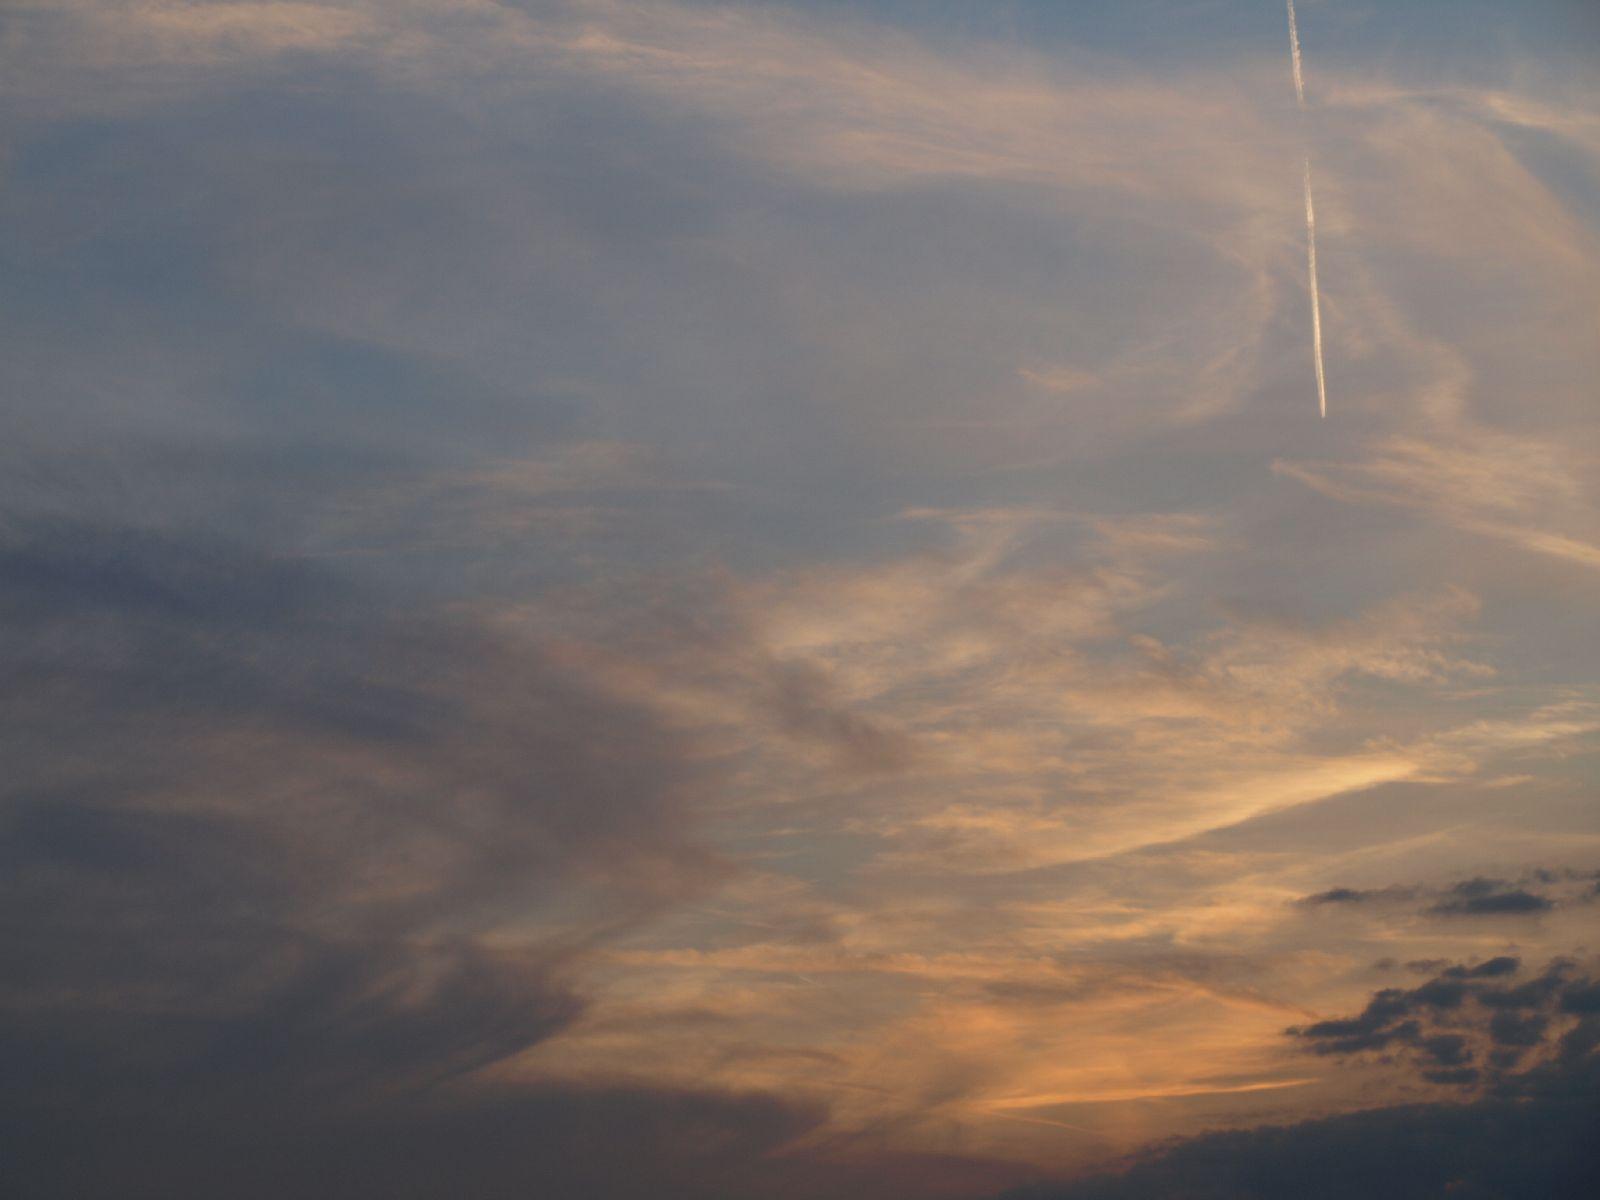 Himmel-Wolken-Foto_Textur_A_P4171379